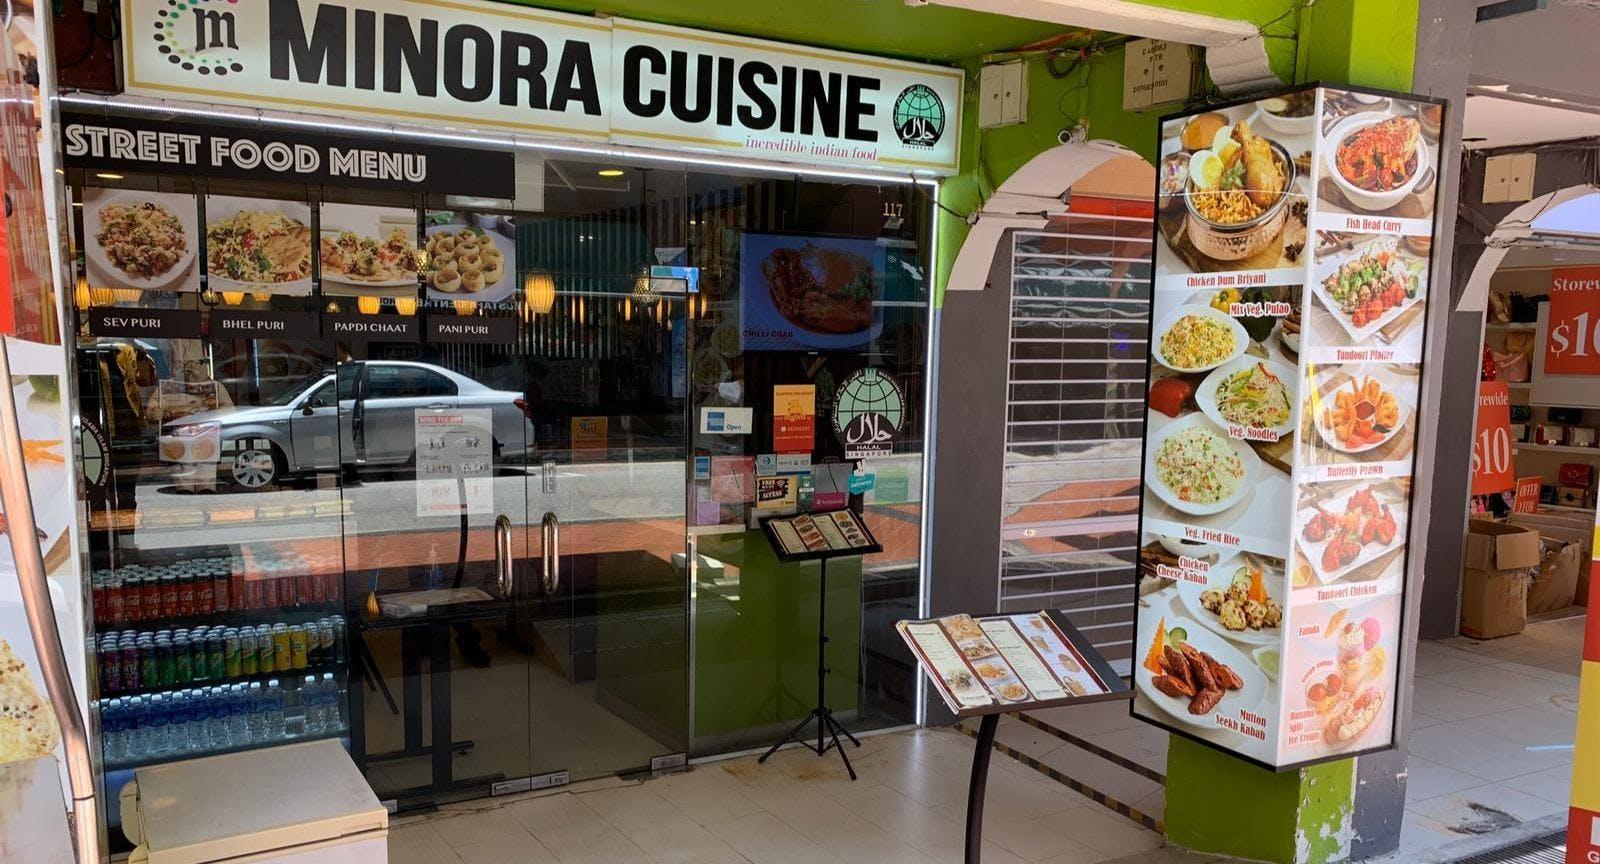 Minora Cuisine - Incredible Indian Food